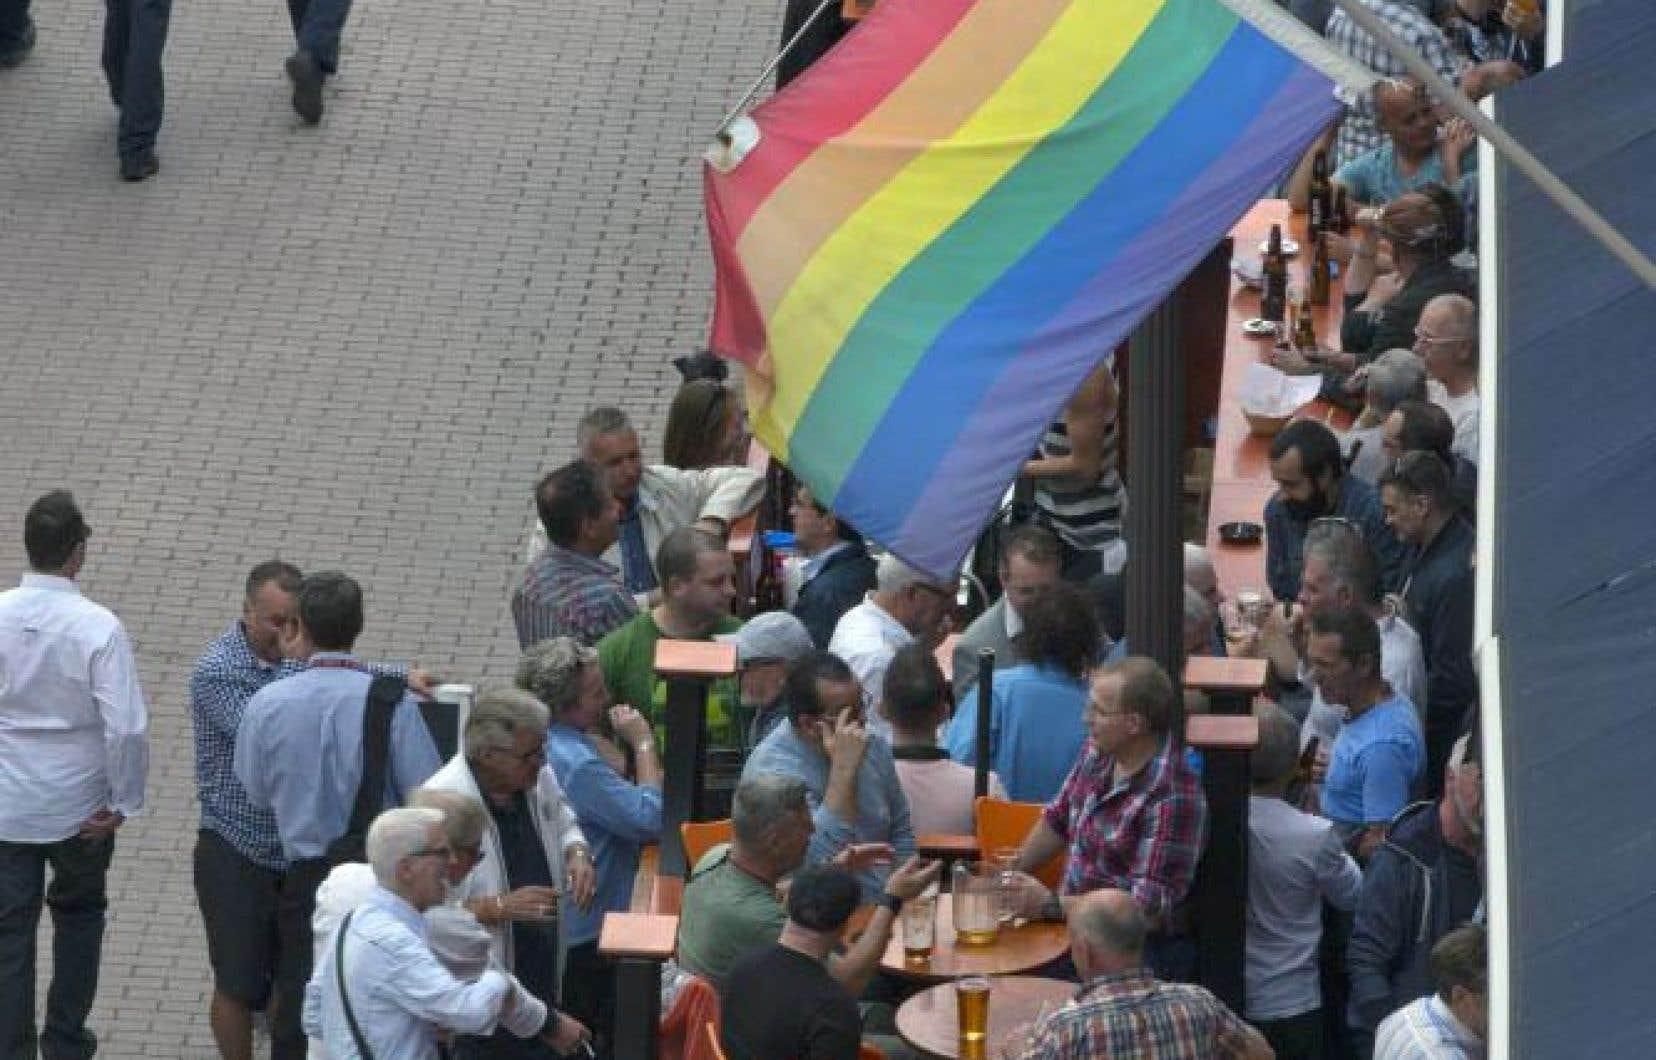 Il semble que, de plus en plus, les nouveaux établissements qui accueillent une clientèle homosexuelle se positionnent sans étiquette.